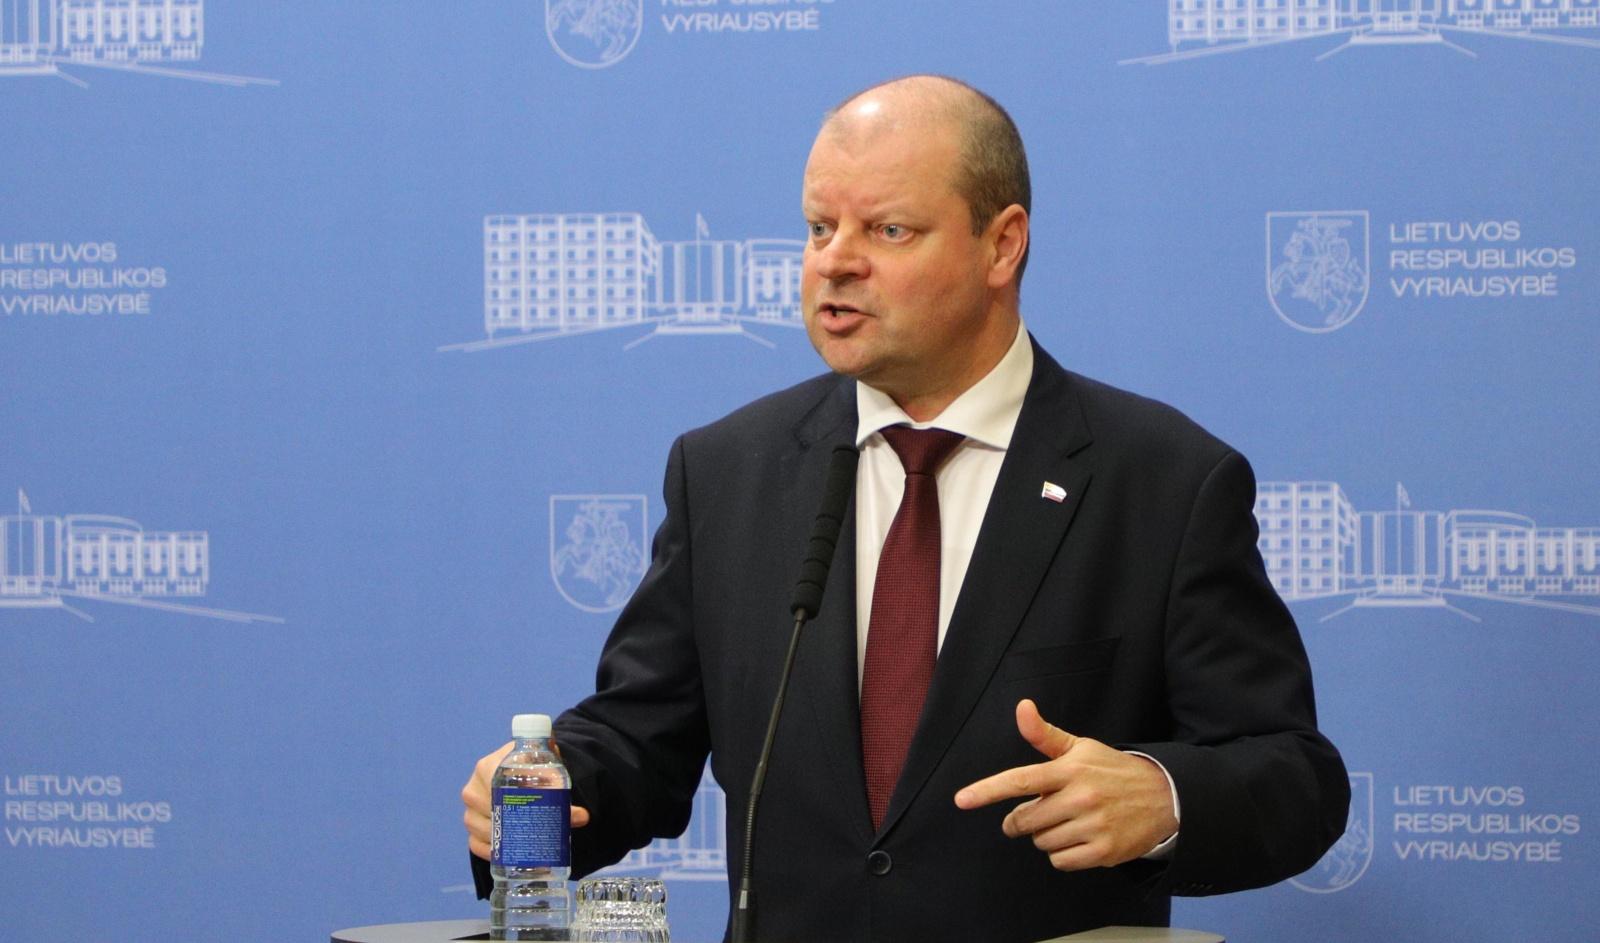 Vyriausybė atvėrė galimybę reguliuoti kainas, sako premjeras